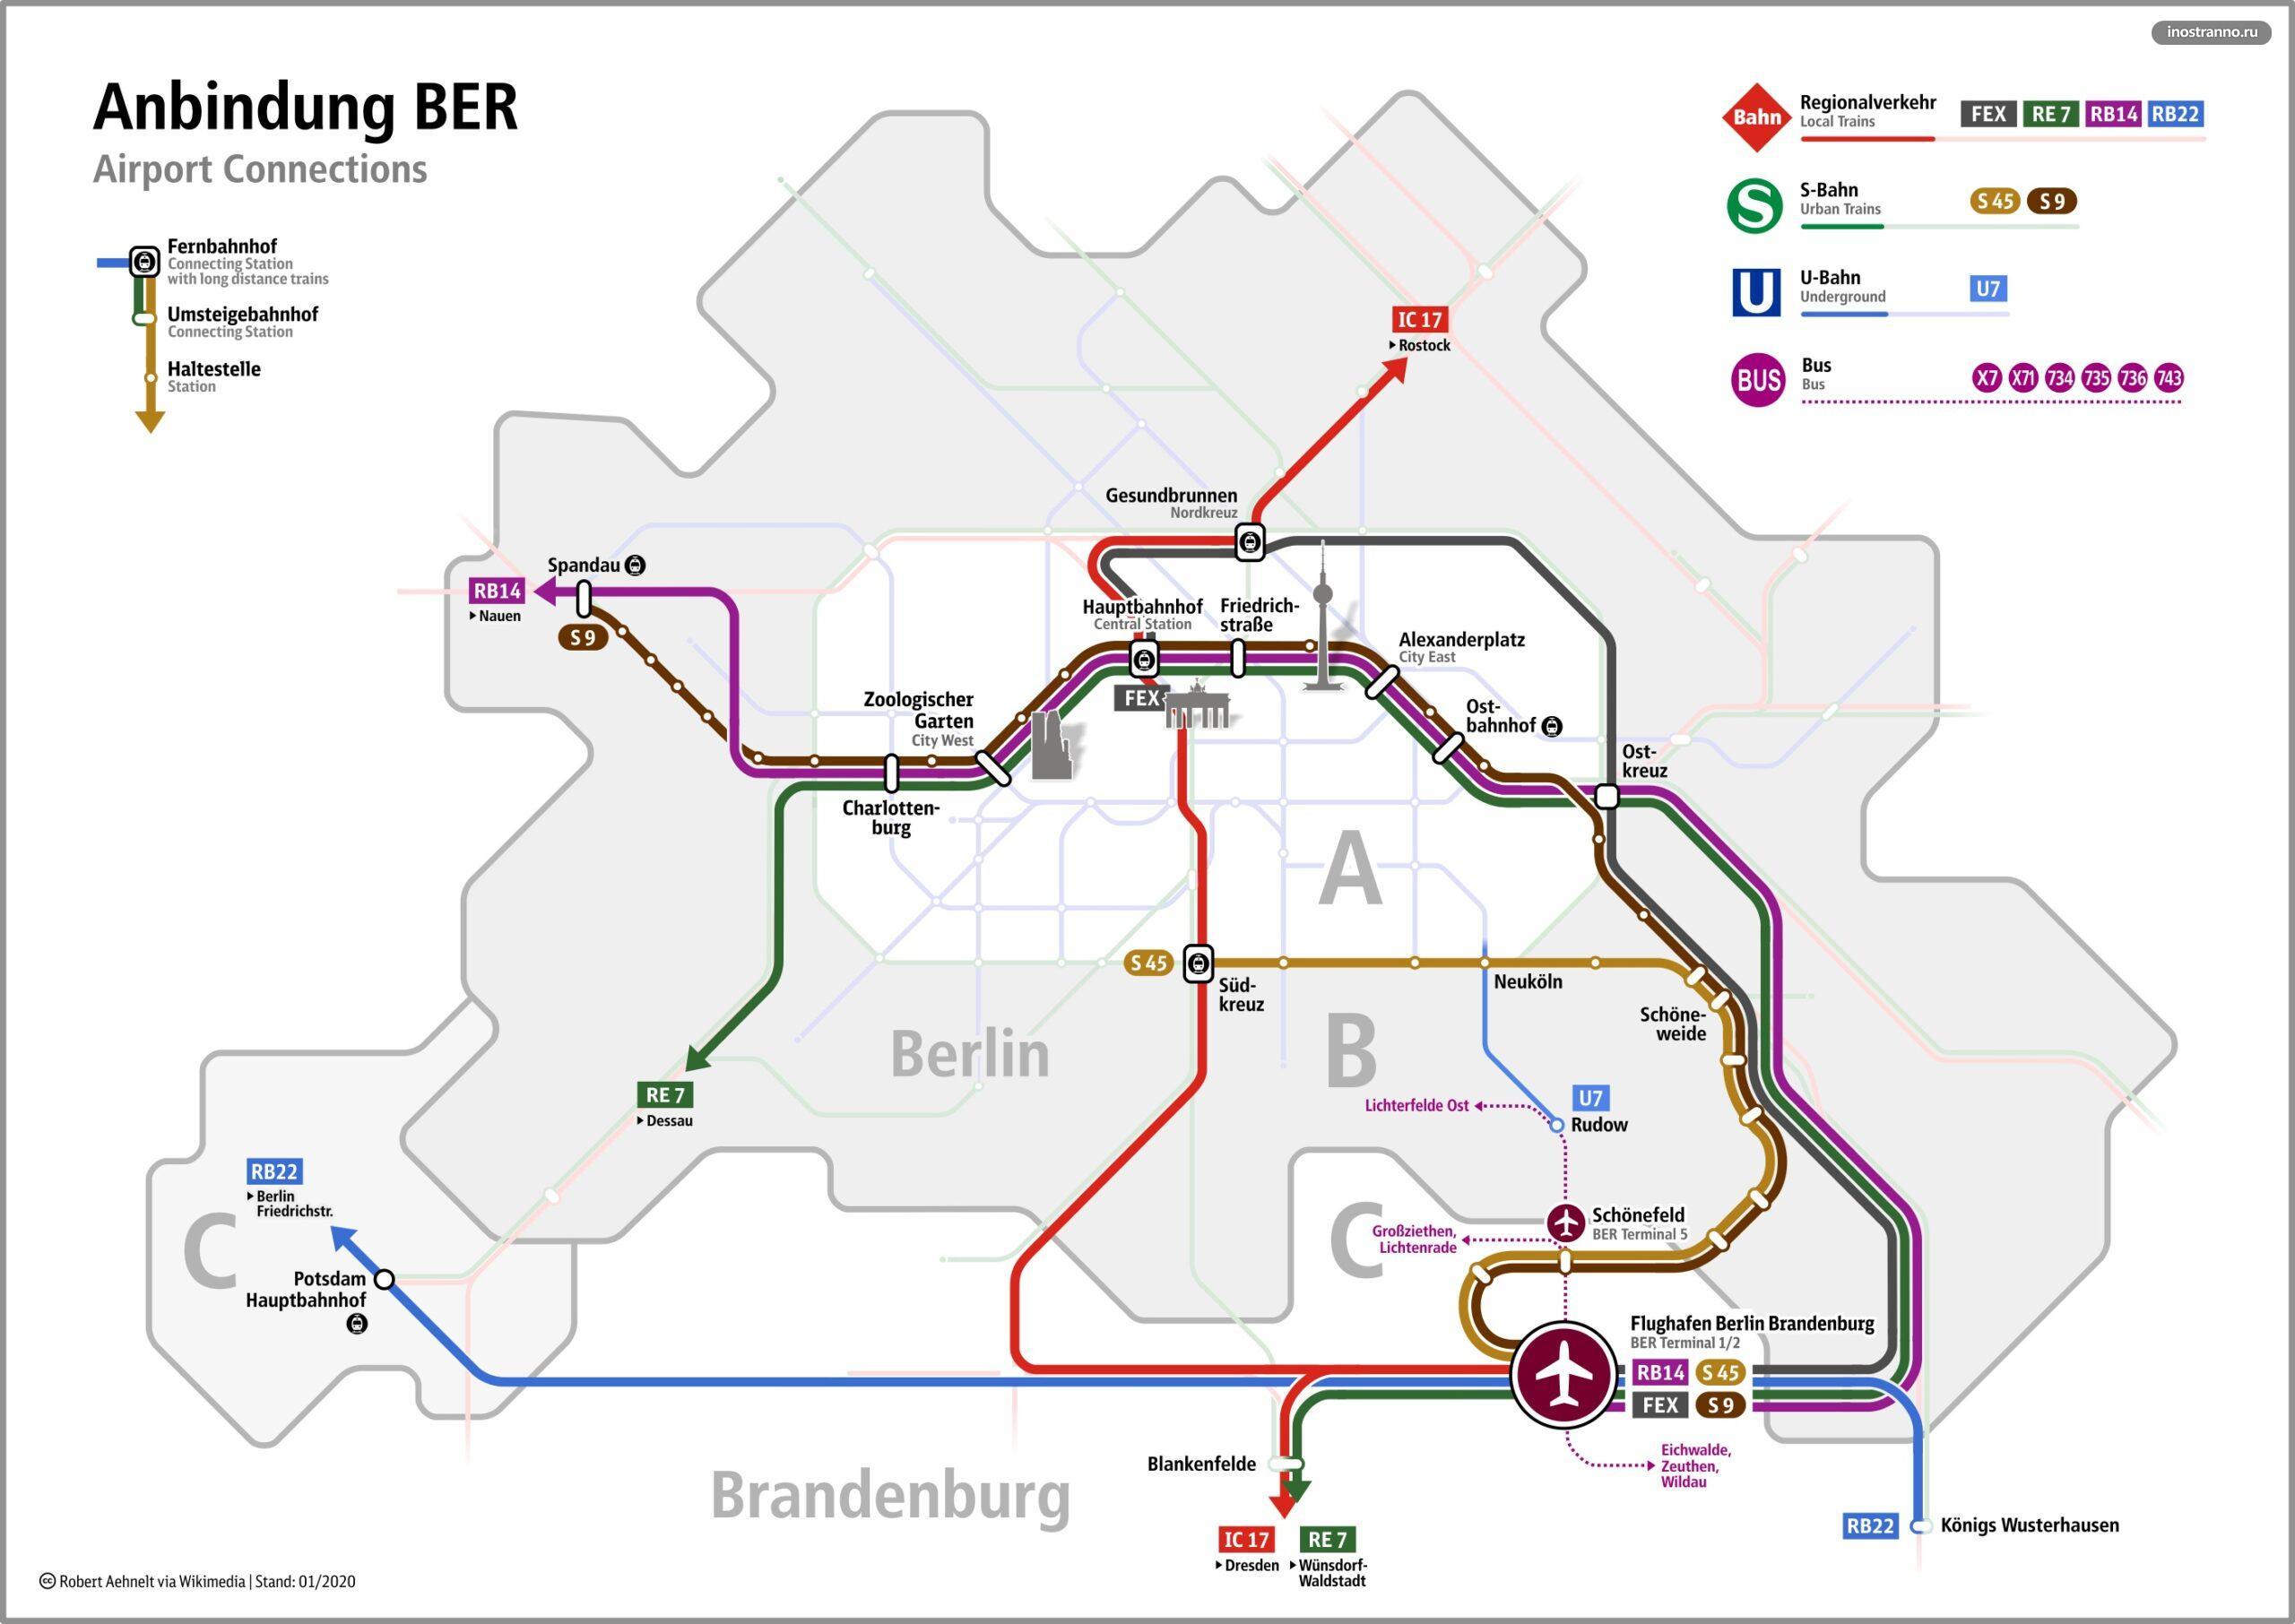 Новый аэропорт Берлин-Бранденбург карта схема поездов и электричек